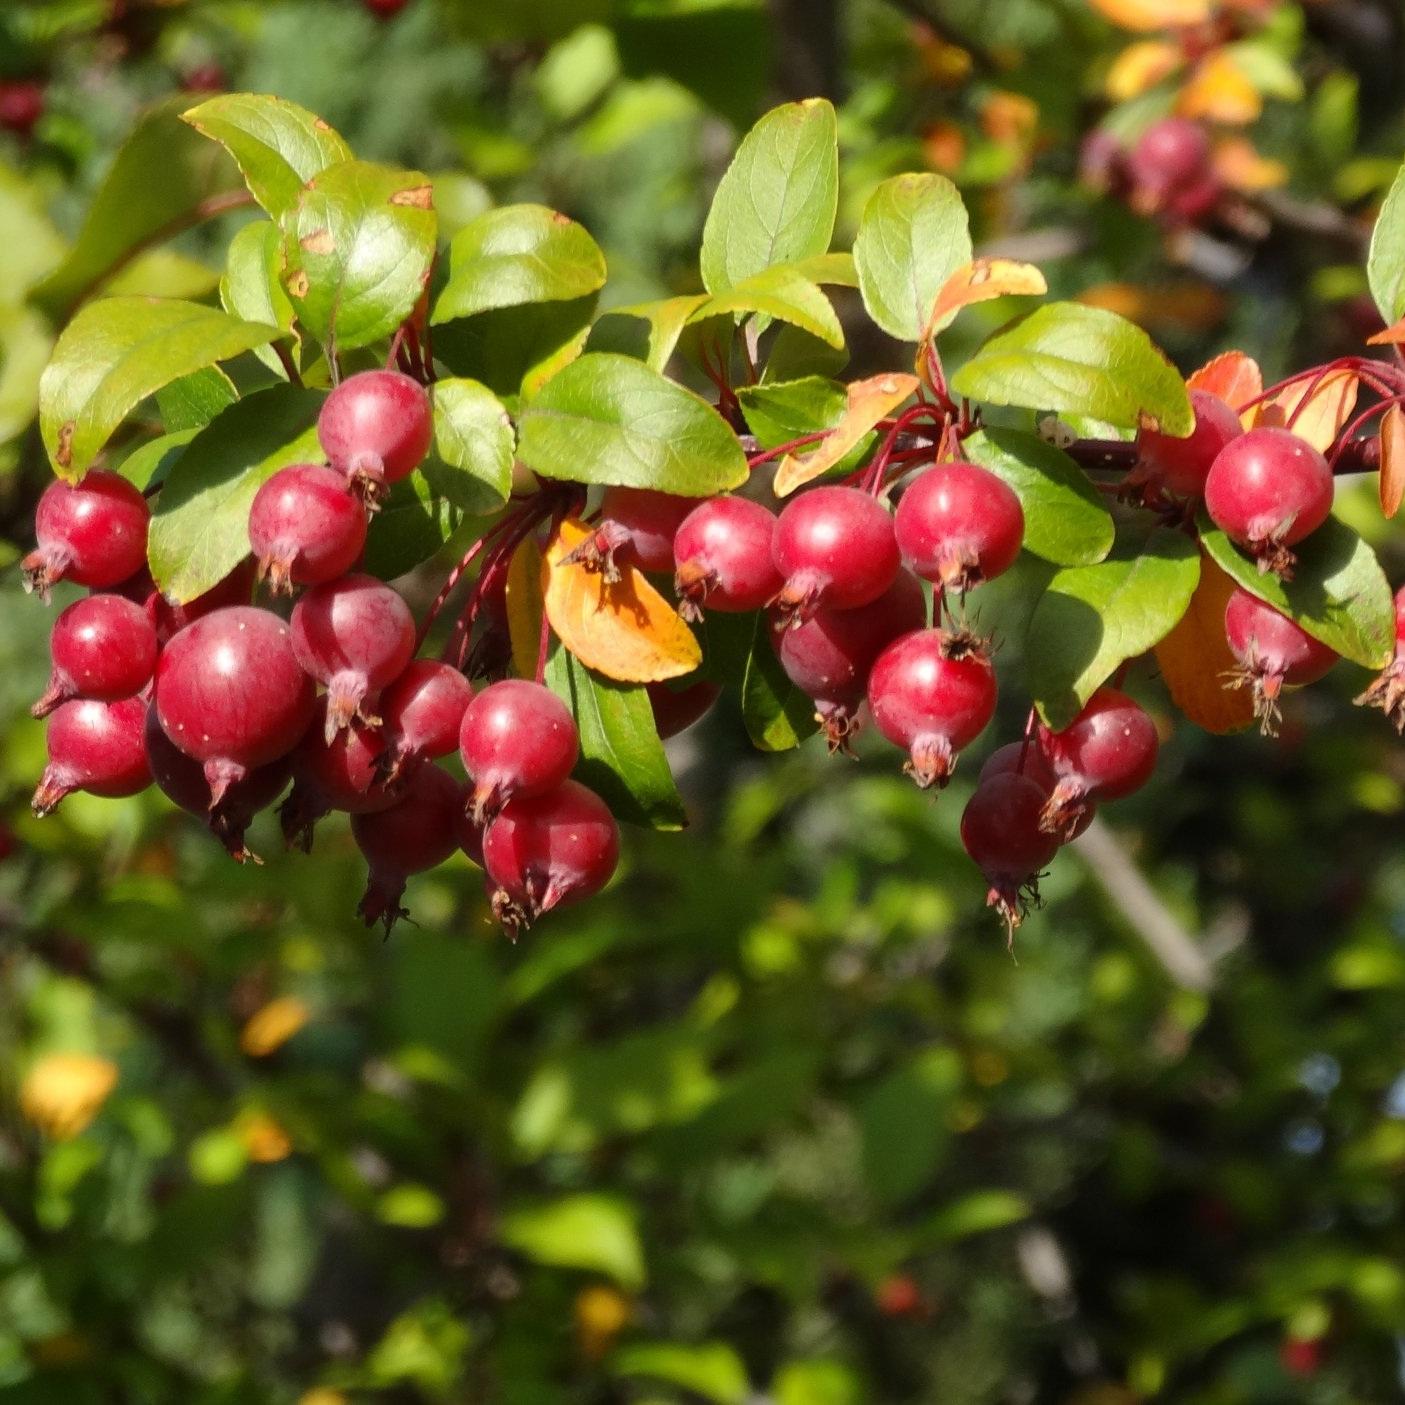 tree-nature-blossom-plant-fruit-berry-1117333-pxhere.com.jpg